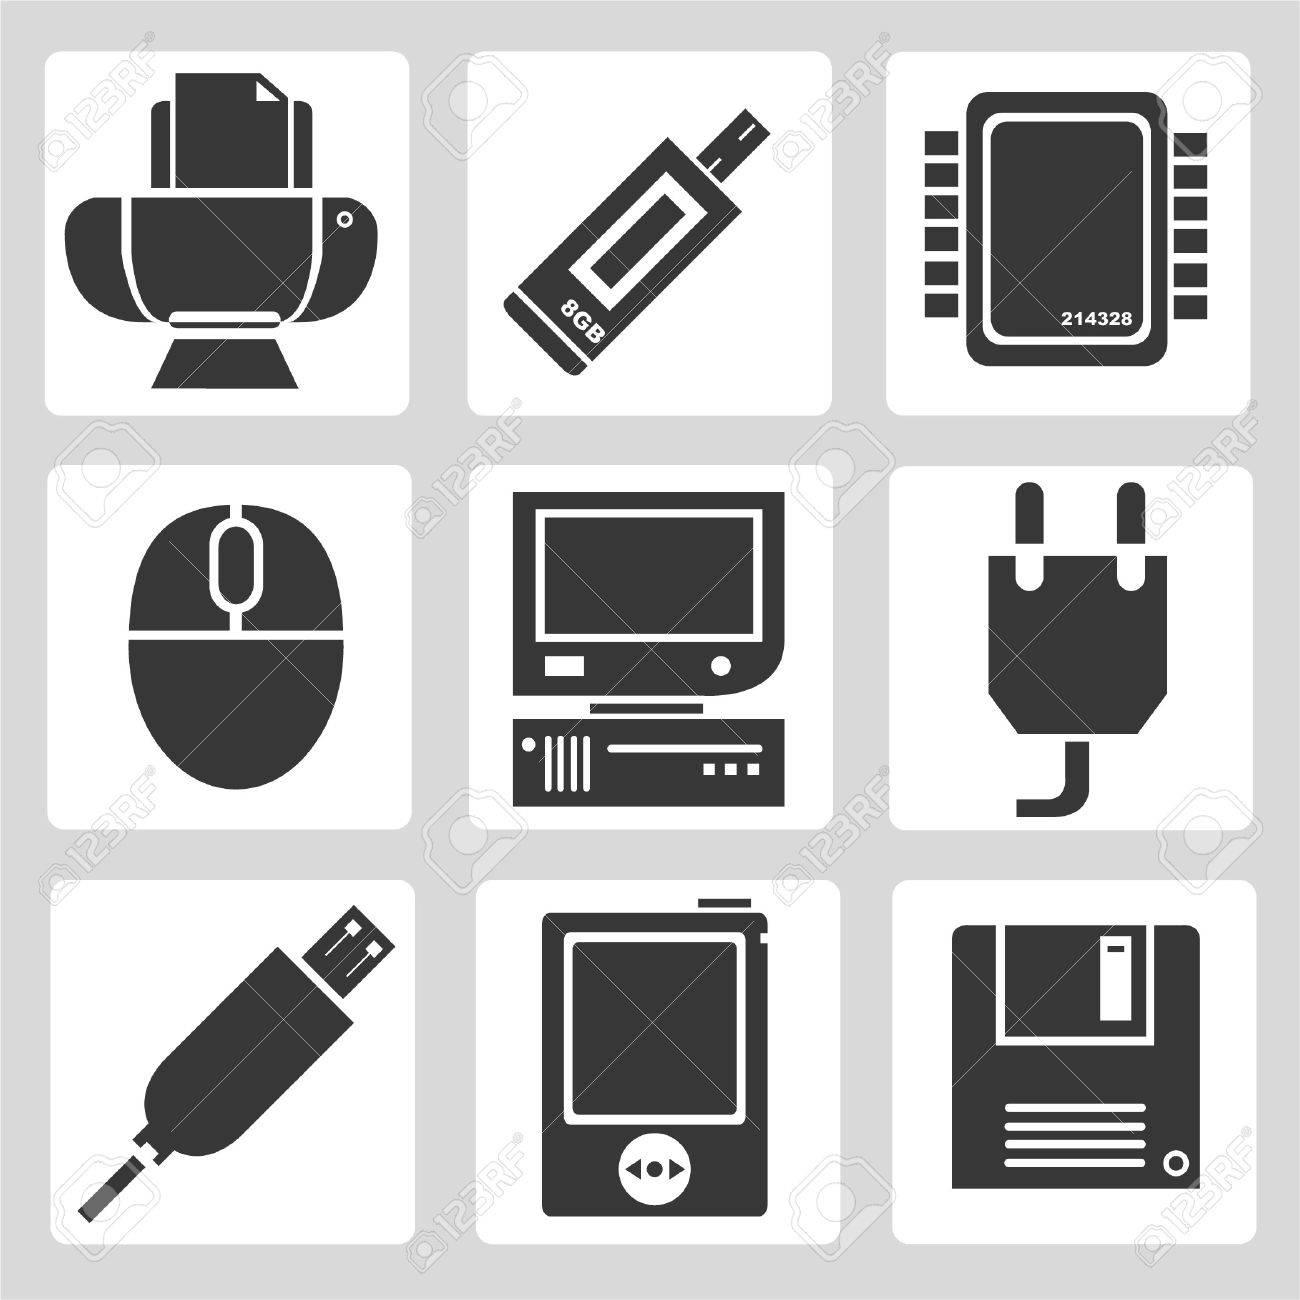 Erfreut Elektronik Schematische Symbole Fotos - Elektrische ...